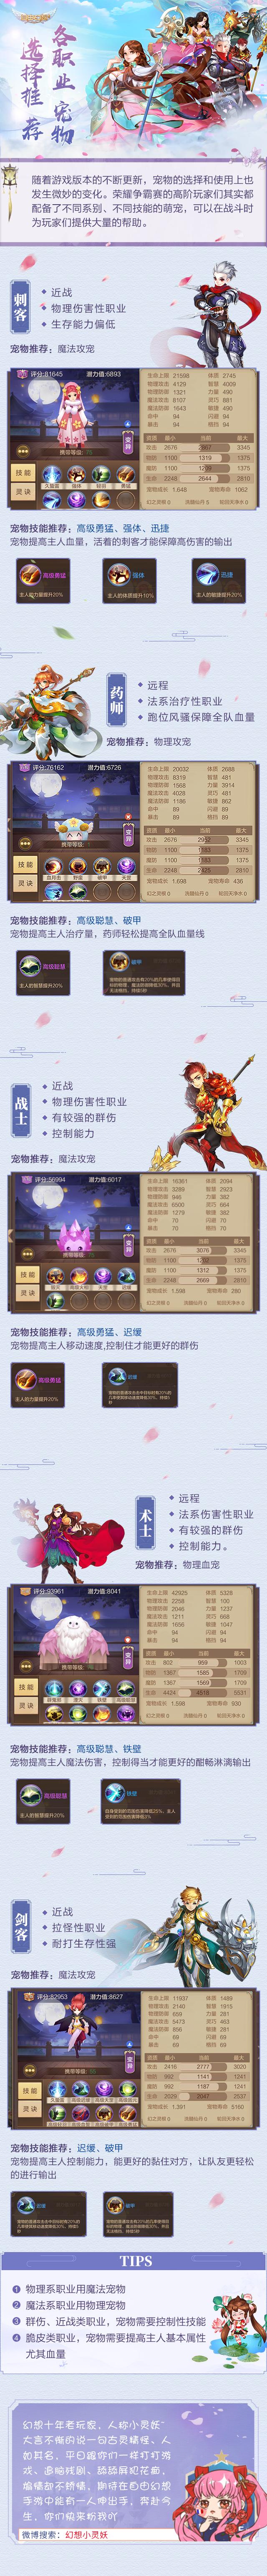 《自由幻想手游》走出桃源村:各职业宠物选择推荐